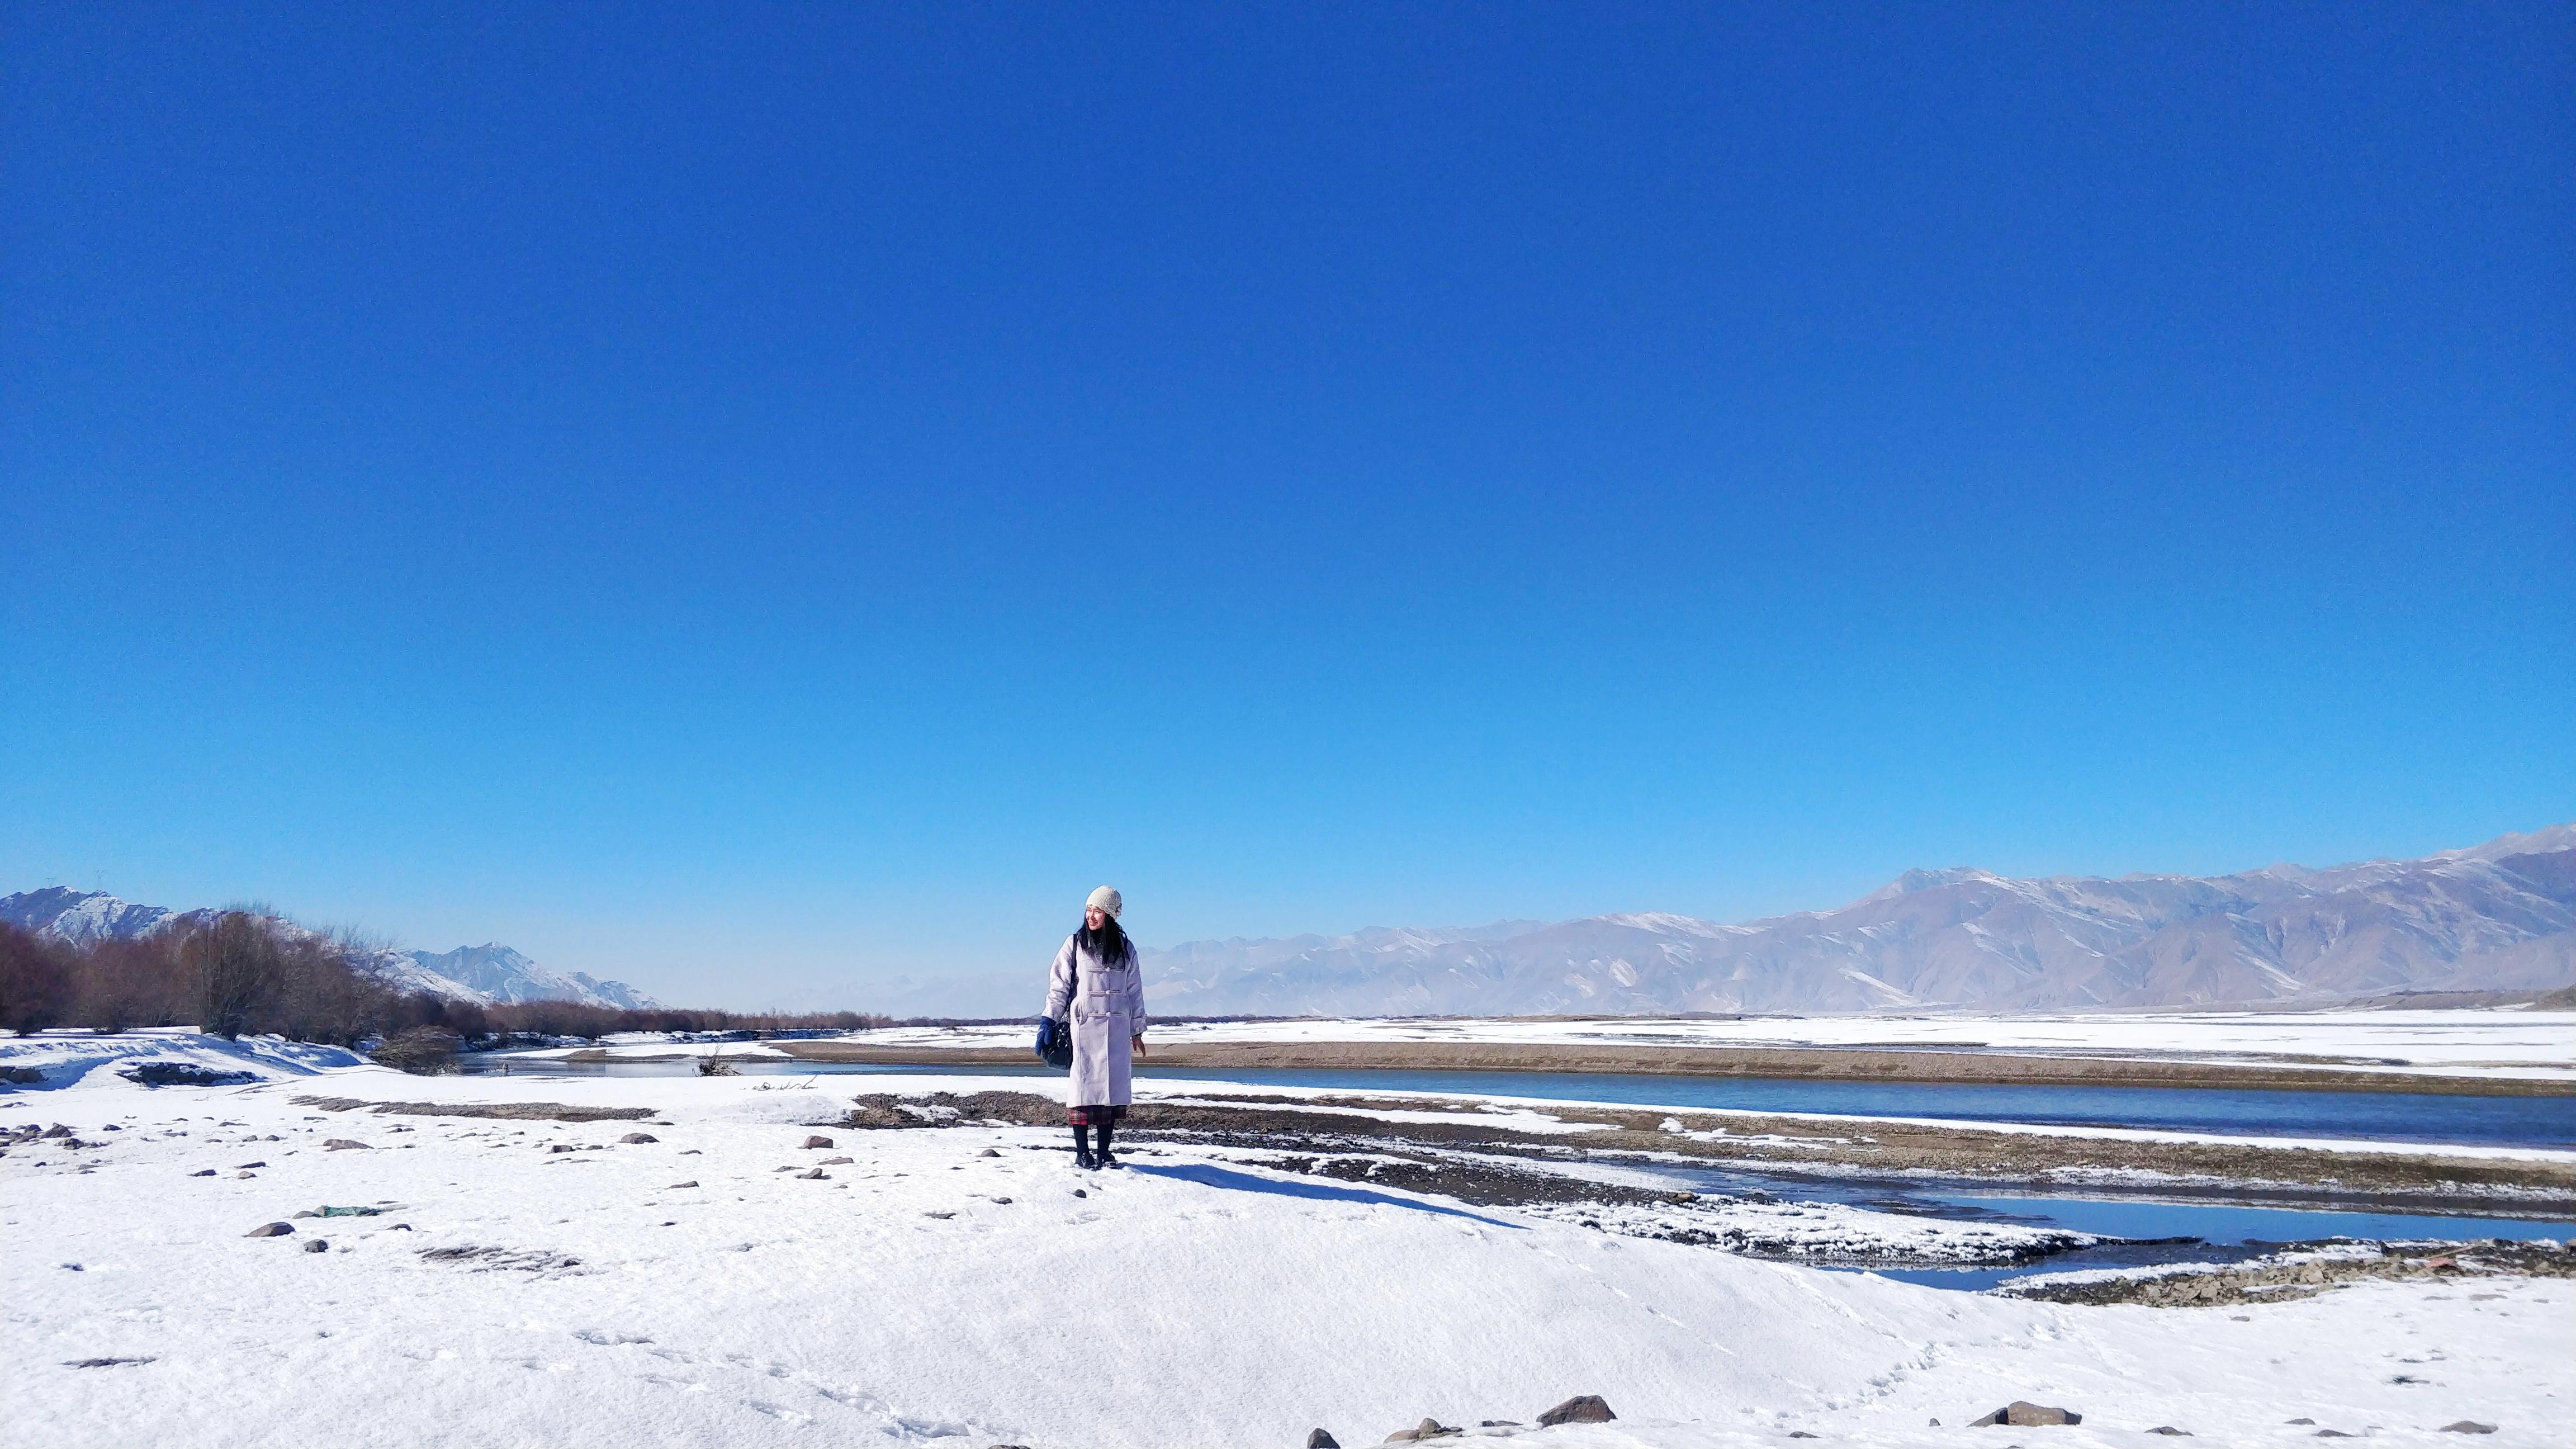 雪景35.jpg